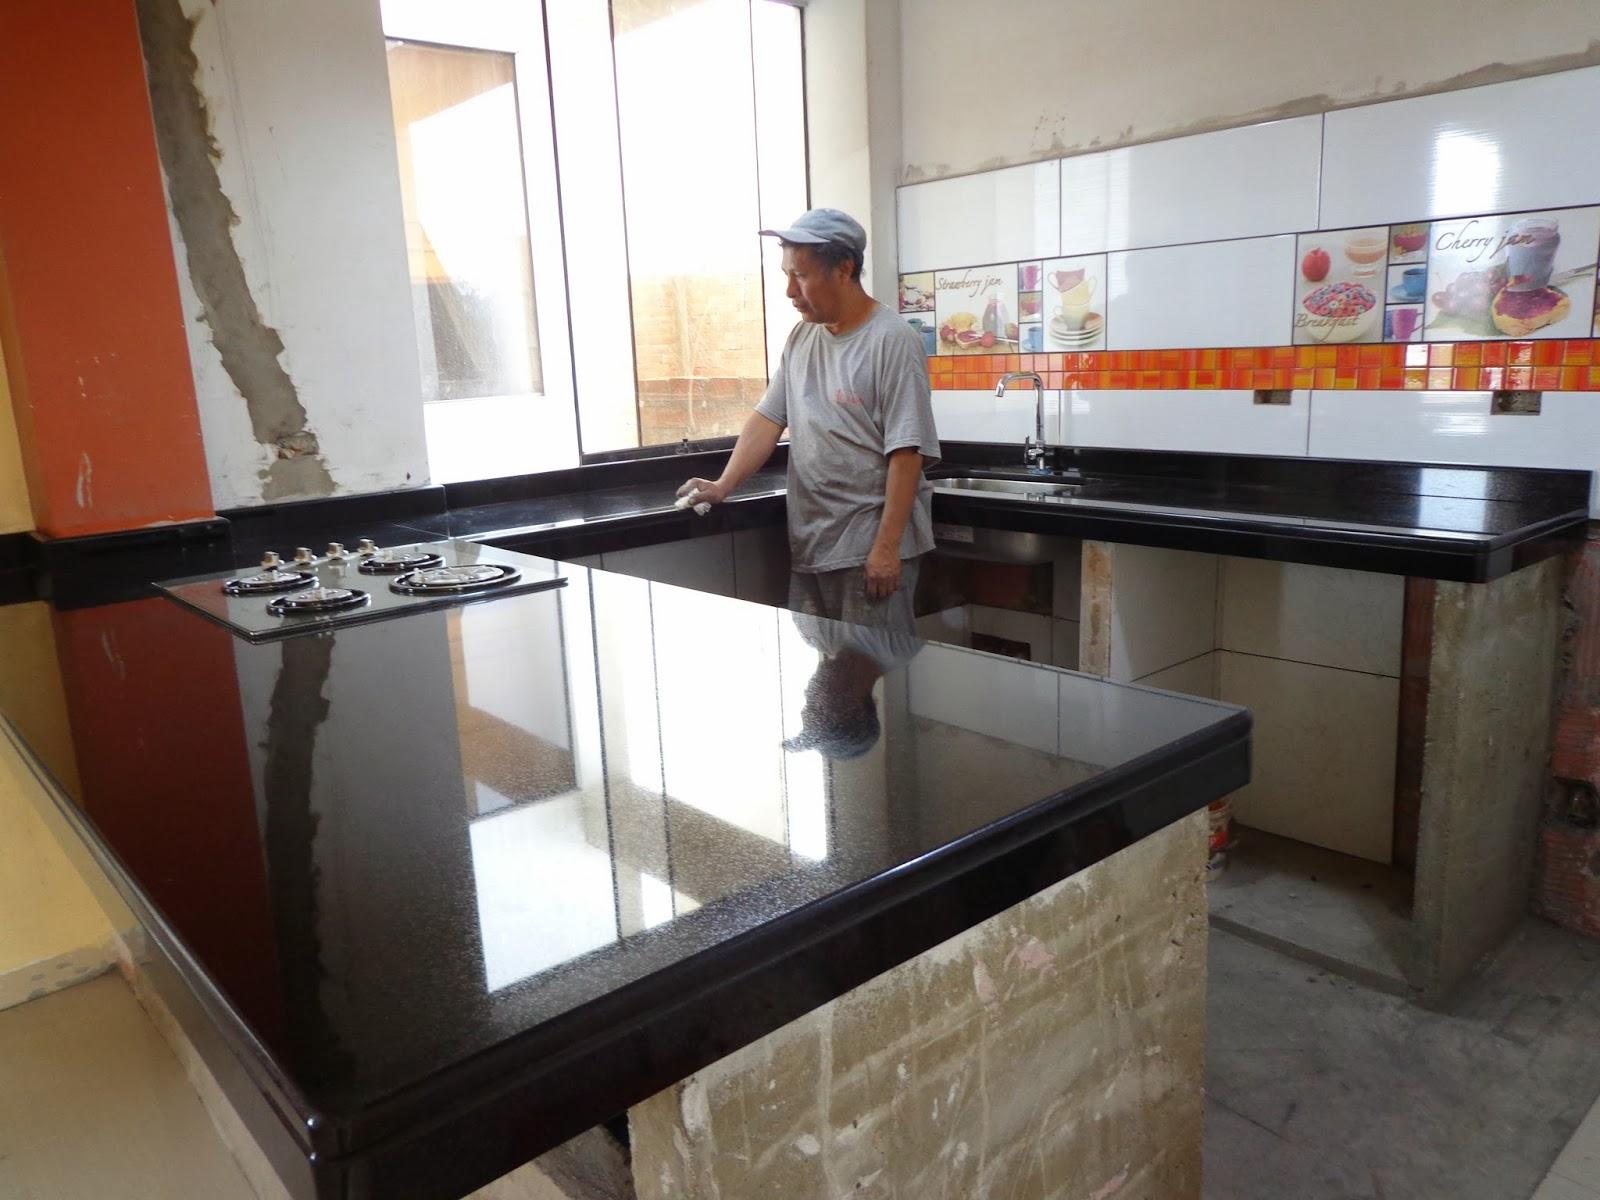 Topes encimeras islas mesas cocina granito marmol lima - Marmol para cocinas ...